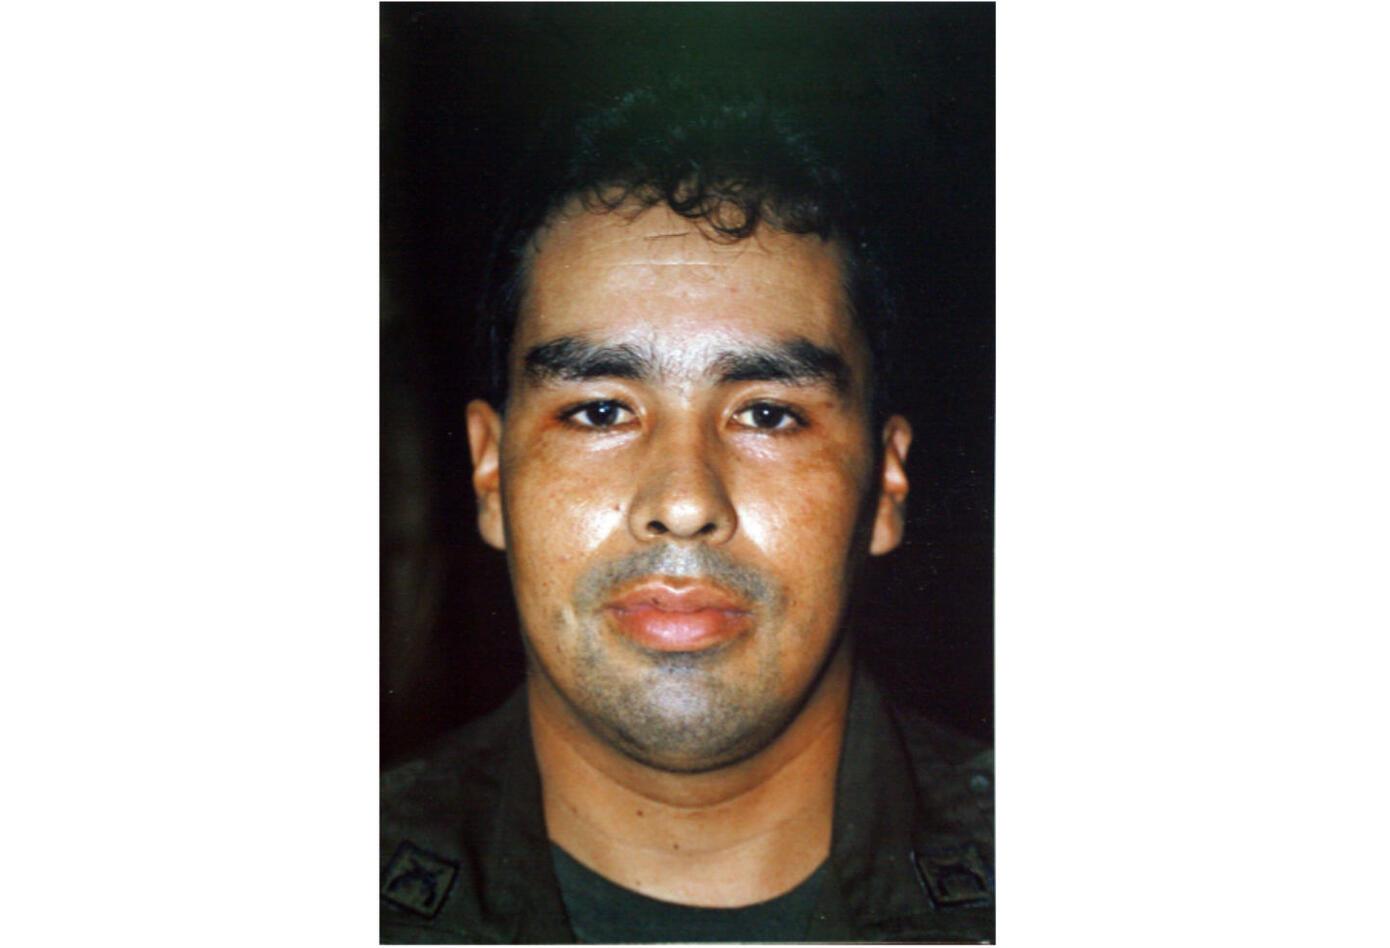 El intendente Luis Hernando Peña Bonilla antes de ser secuestrado en la toma de Mitú.